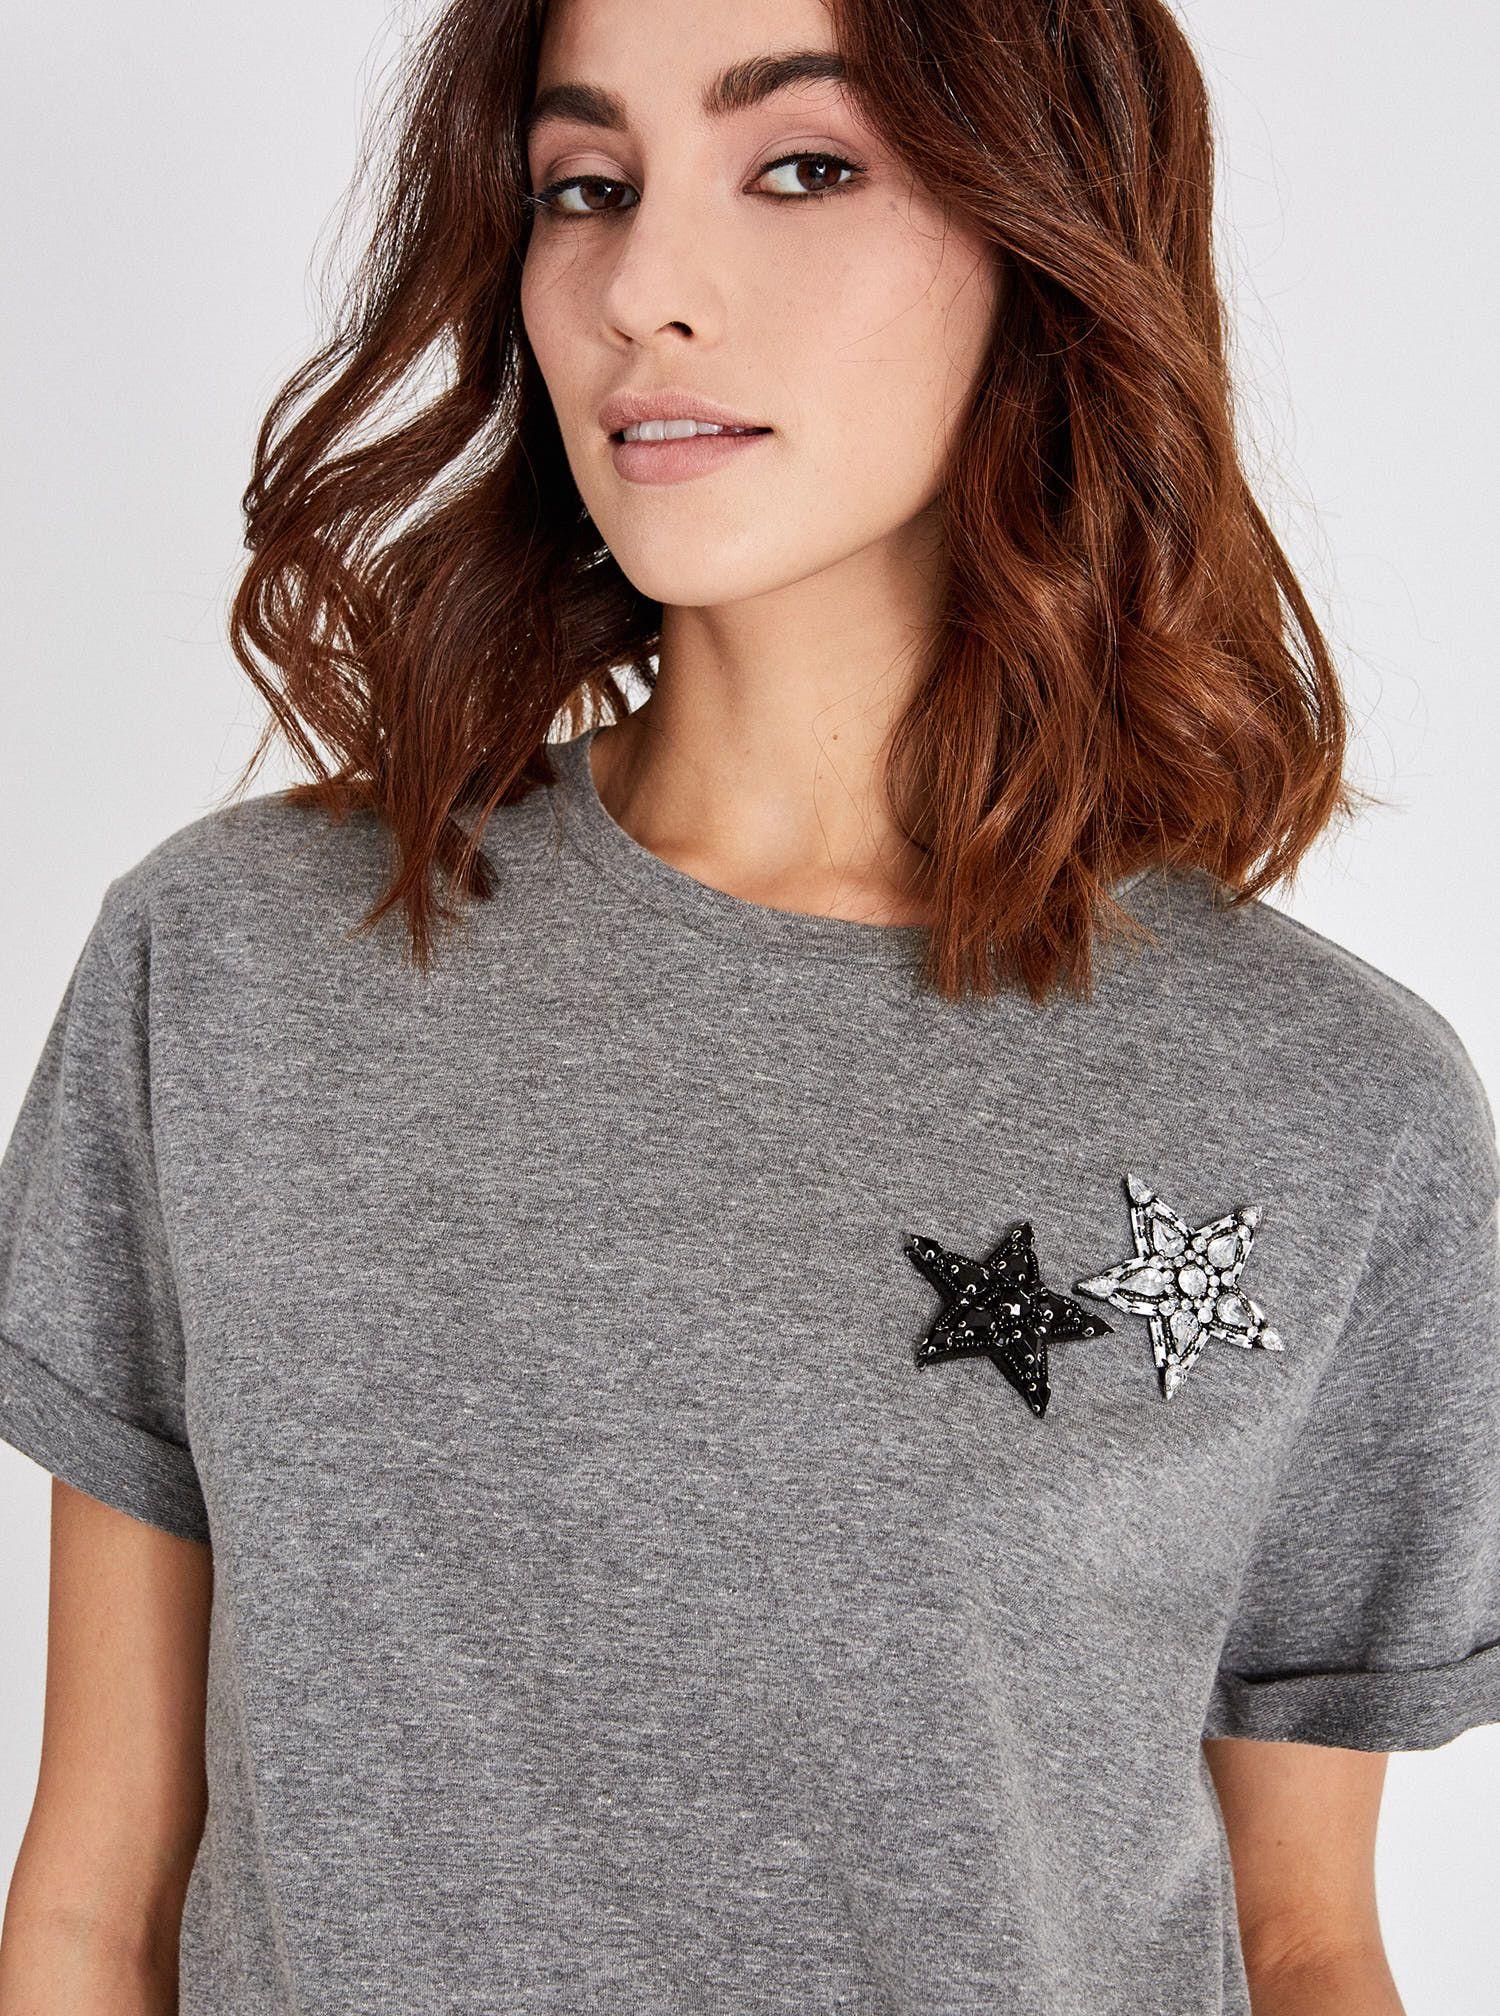 T-shirt con applicazioni Piazza Italia a 10,95 euro